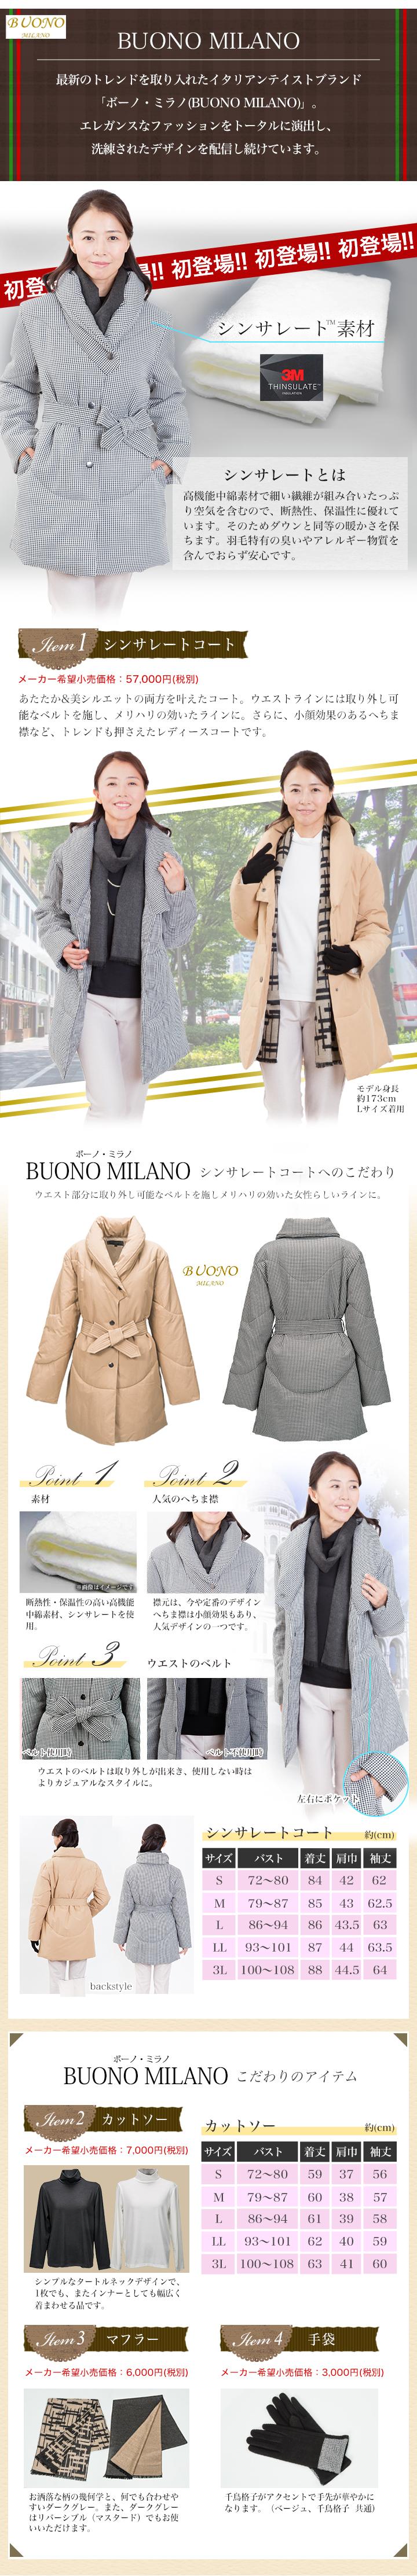 ボーノ・ミラノ婦人福袋